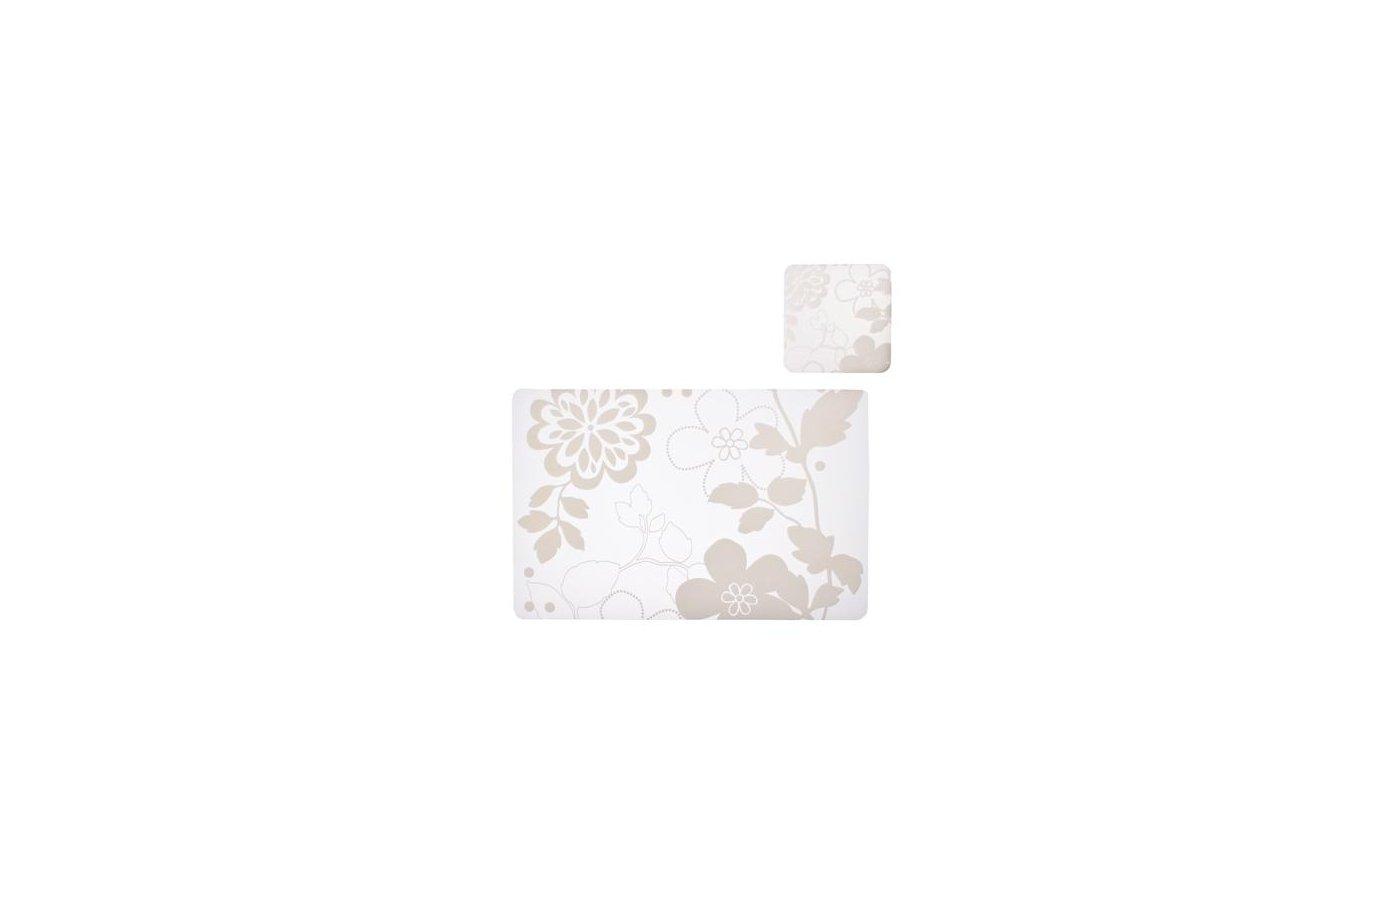 Текстиль кухонный VETTA 890-264 Термосалфетки 42х28см